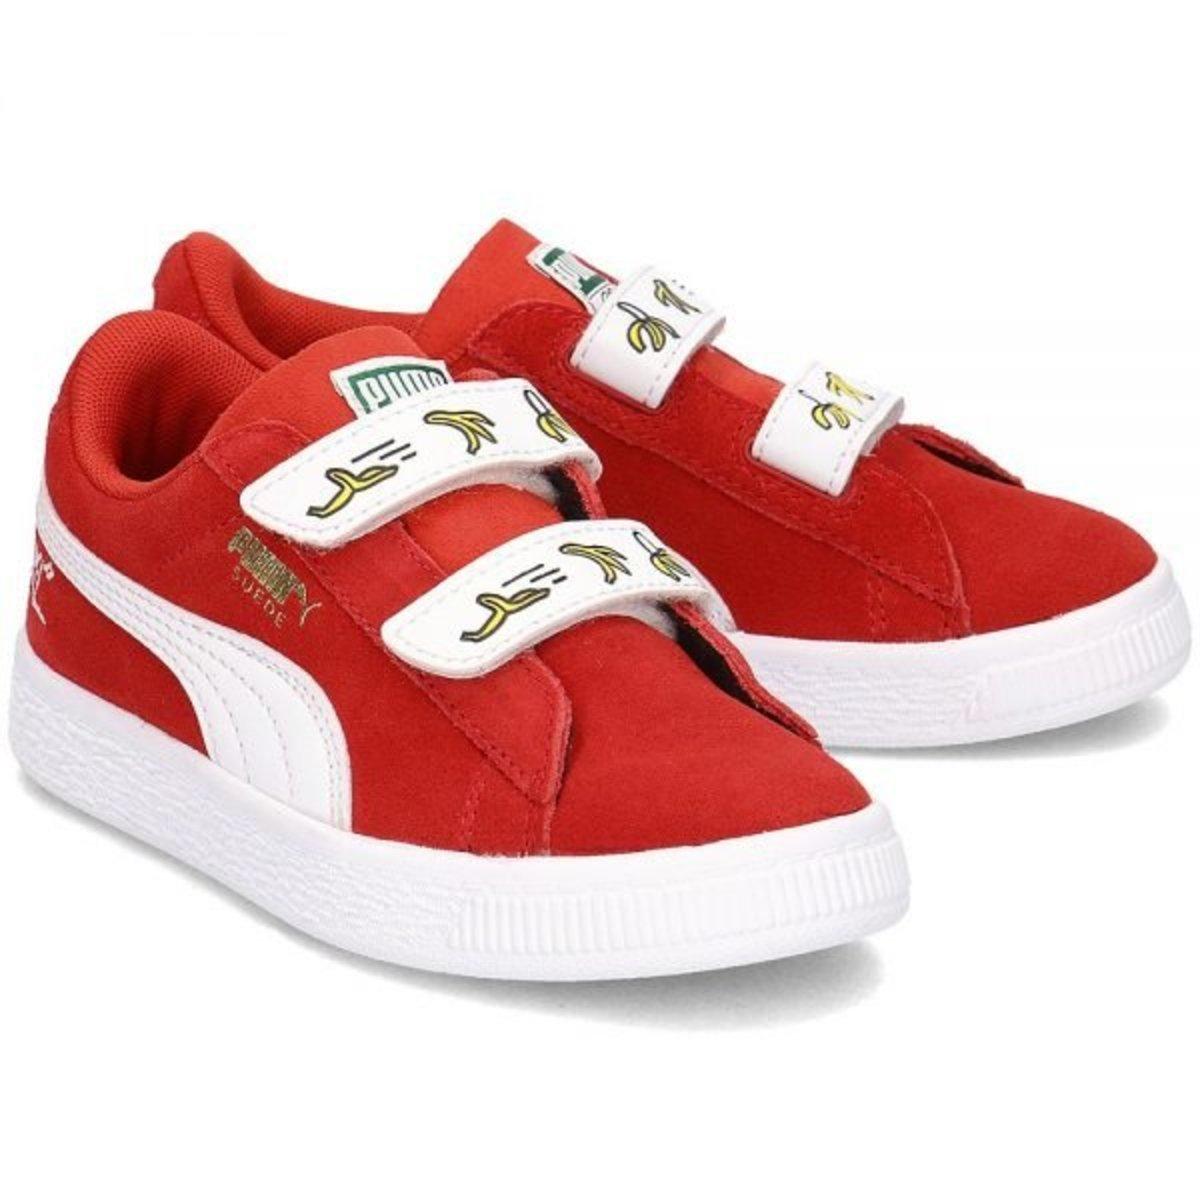 PUMA X MINIONS 兒童休閒鞋(紅色)